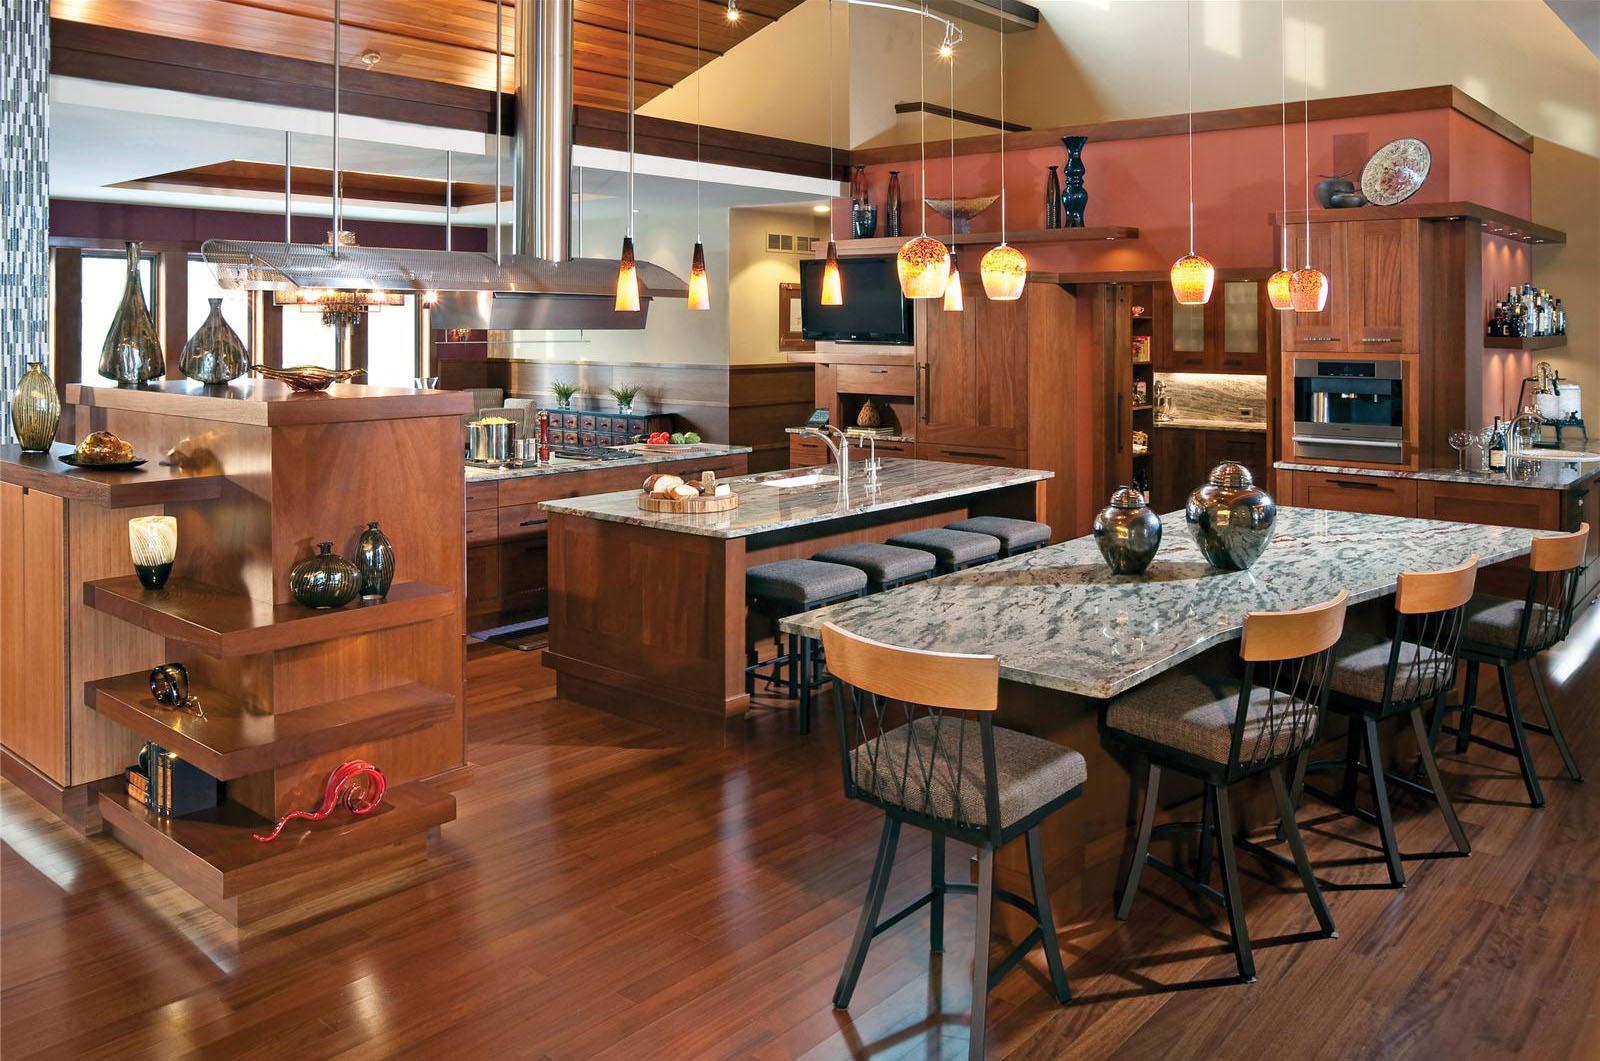 Open Restaurant Kitchen Designs. A Design ...